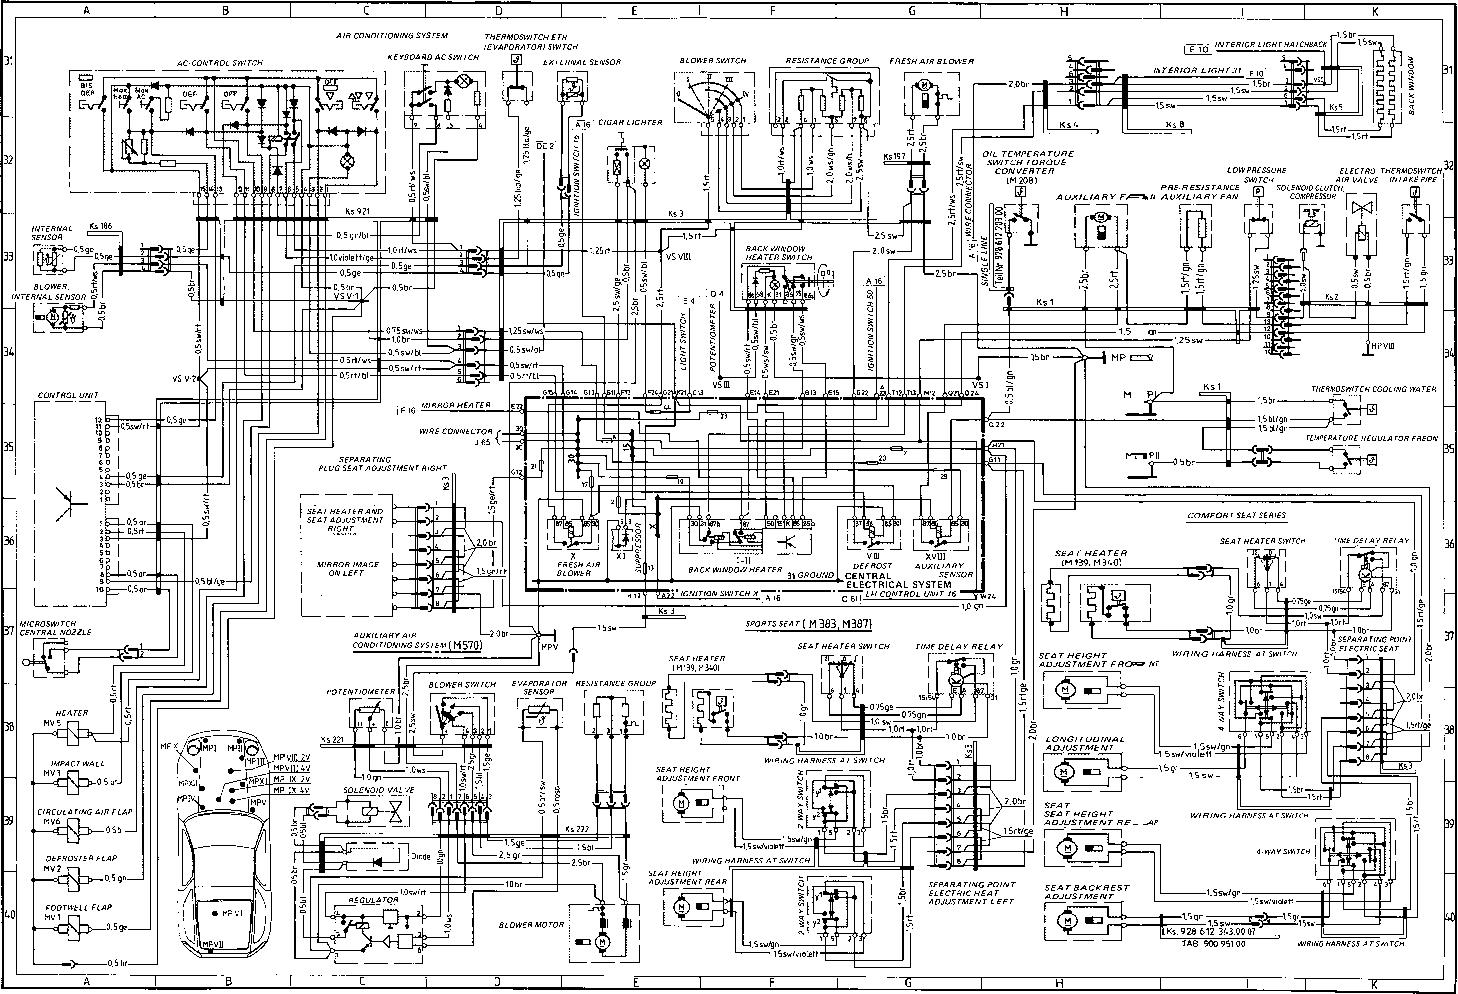 Surprising 1985 Maserati Wiring Diagram Basic Electronics Wiring Diagram Wiring Cloud Picalendutblikvittorg